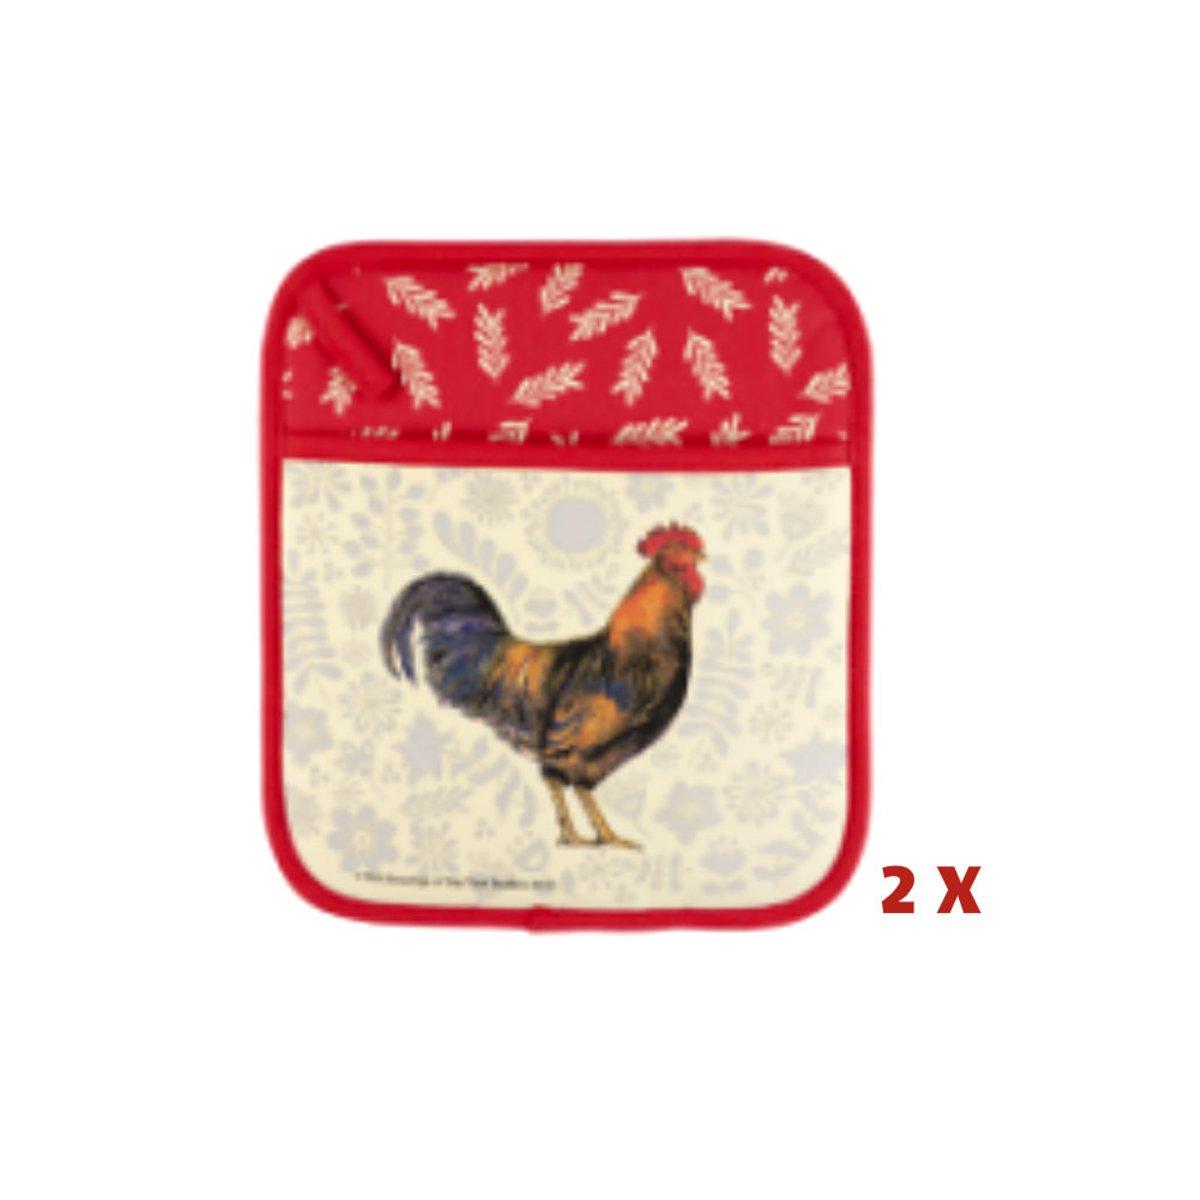 Twee pannenlappen kip / haan thema dieren cadeaus keukentextiel kopen